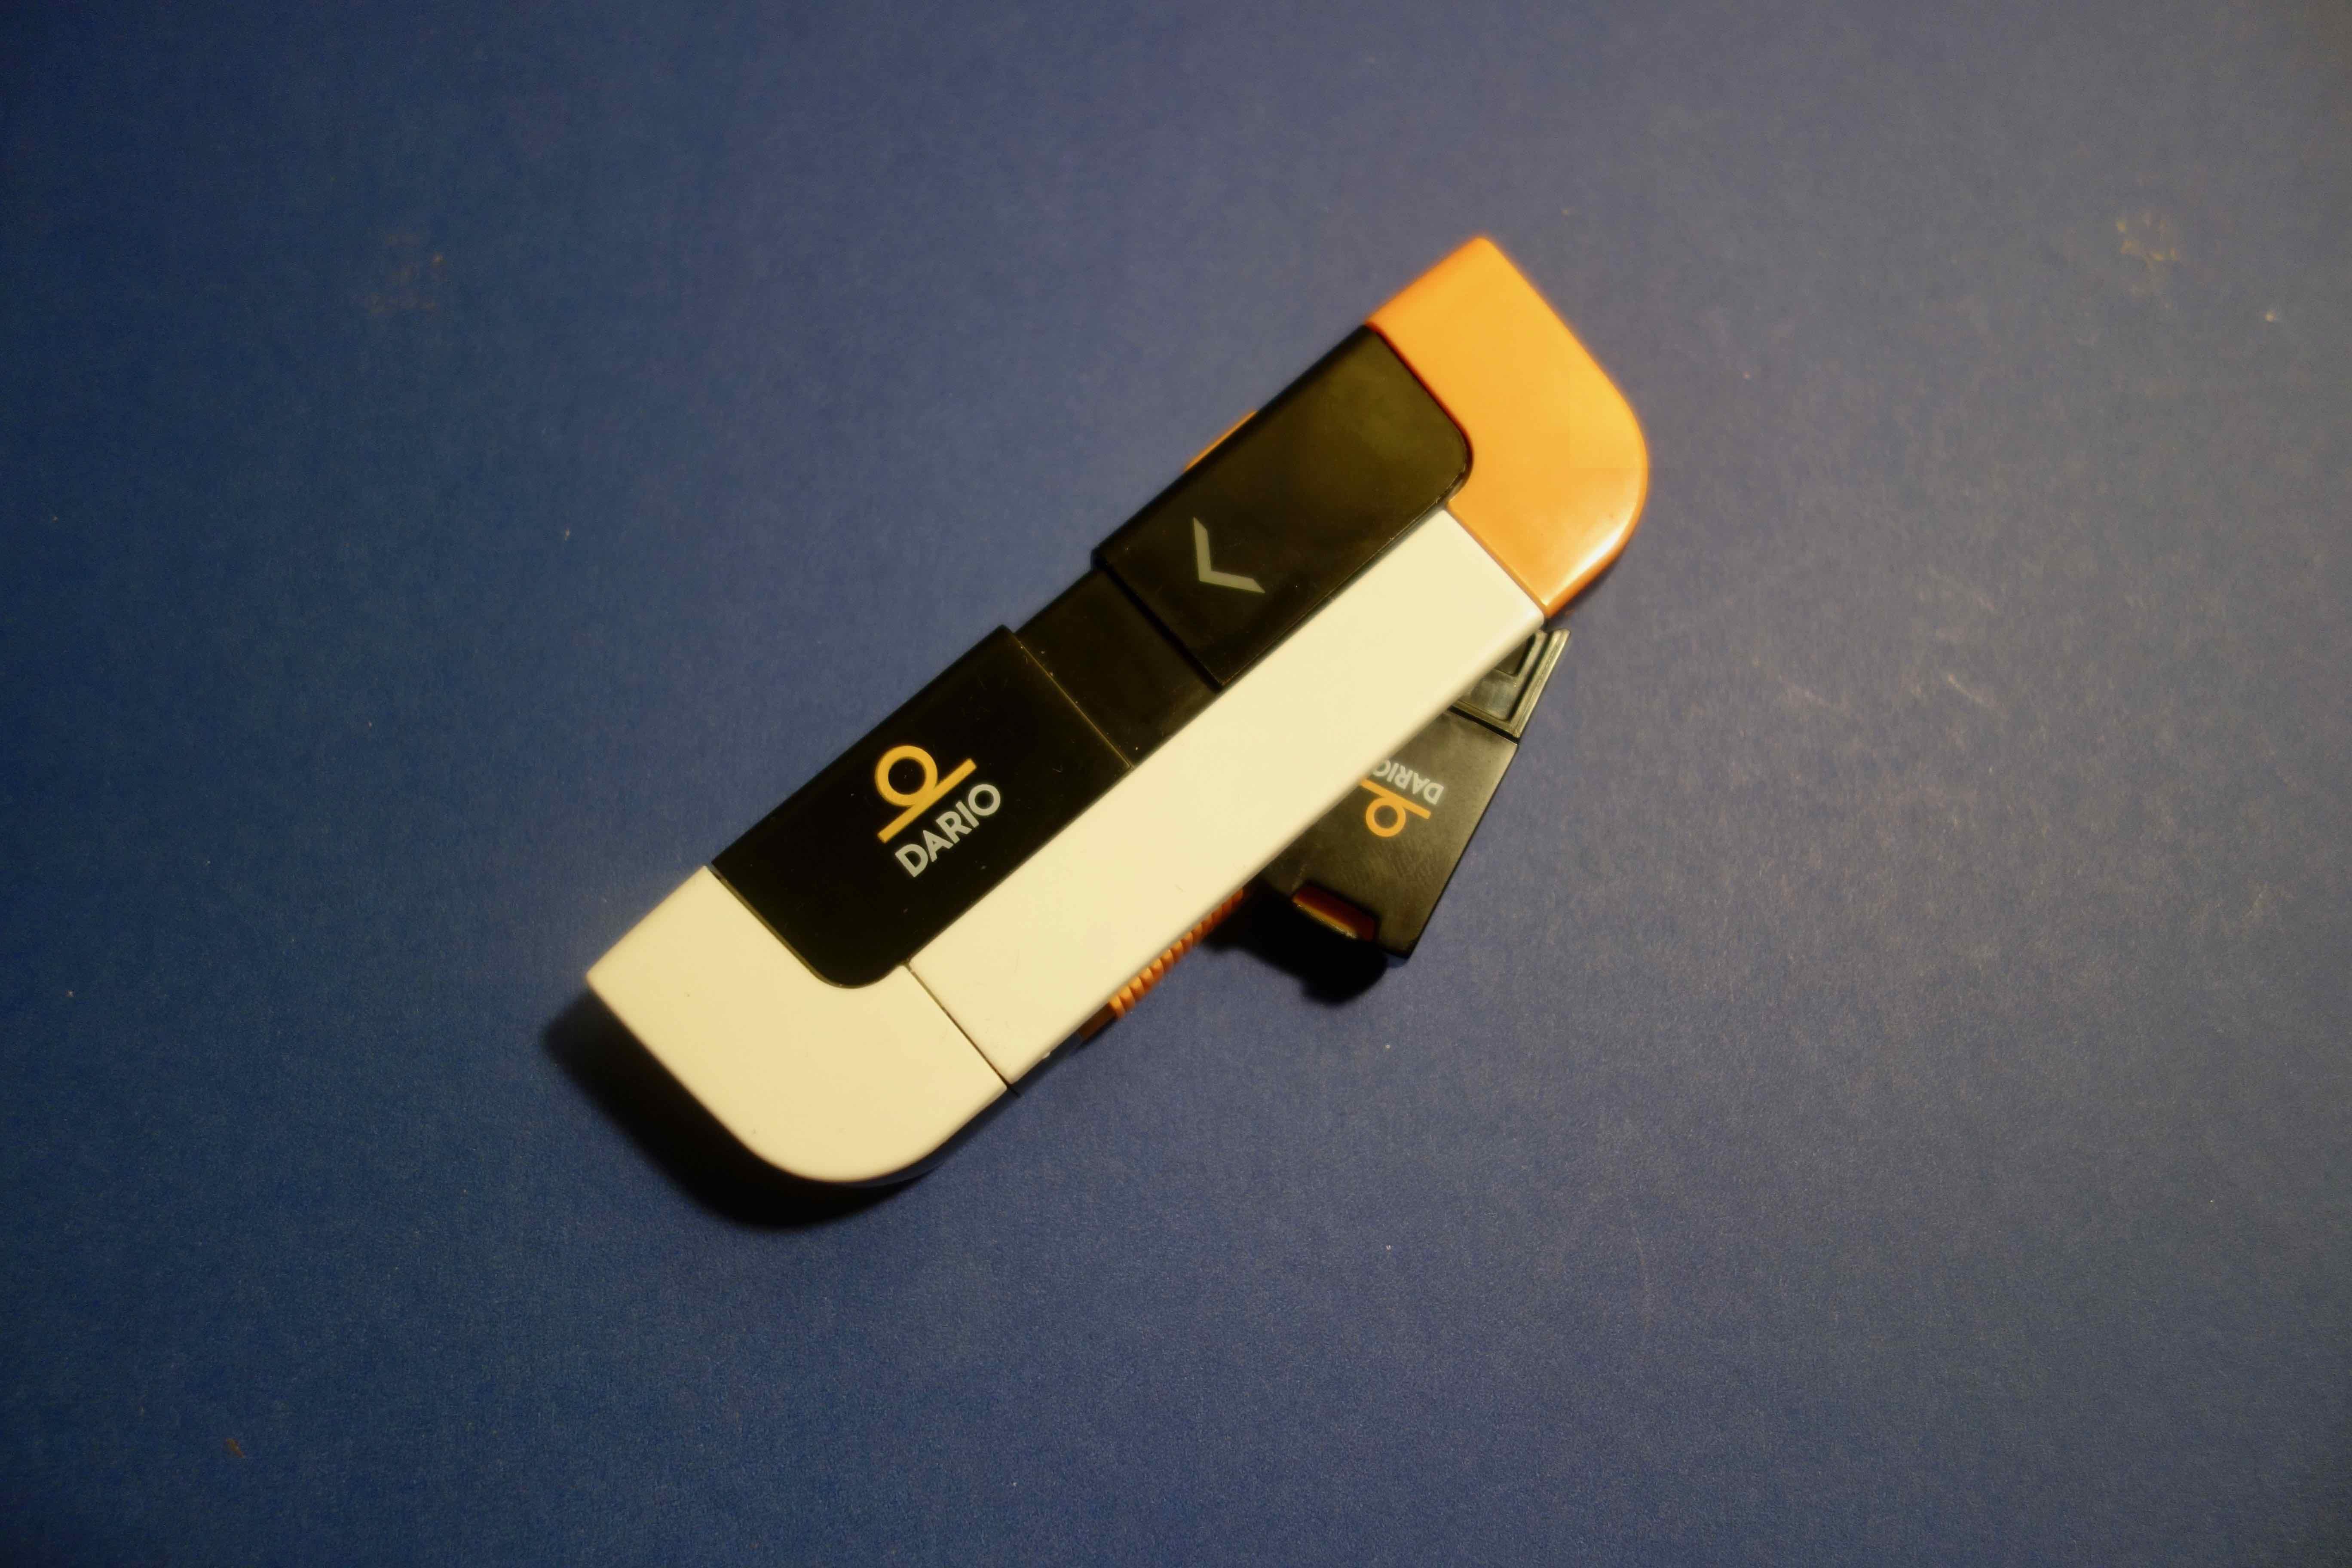 Review: My Dario Smartphone Glucose Meter